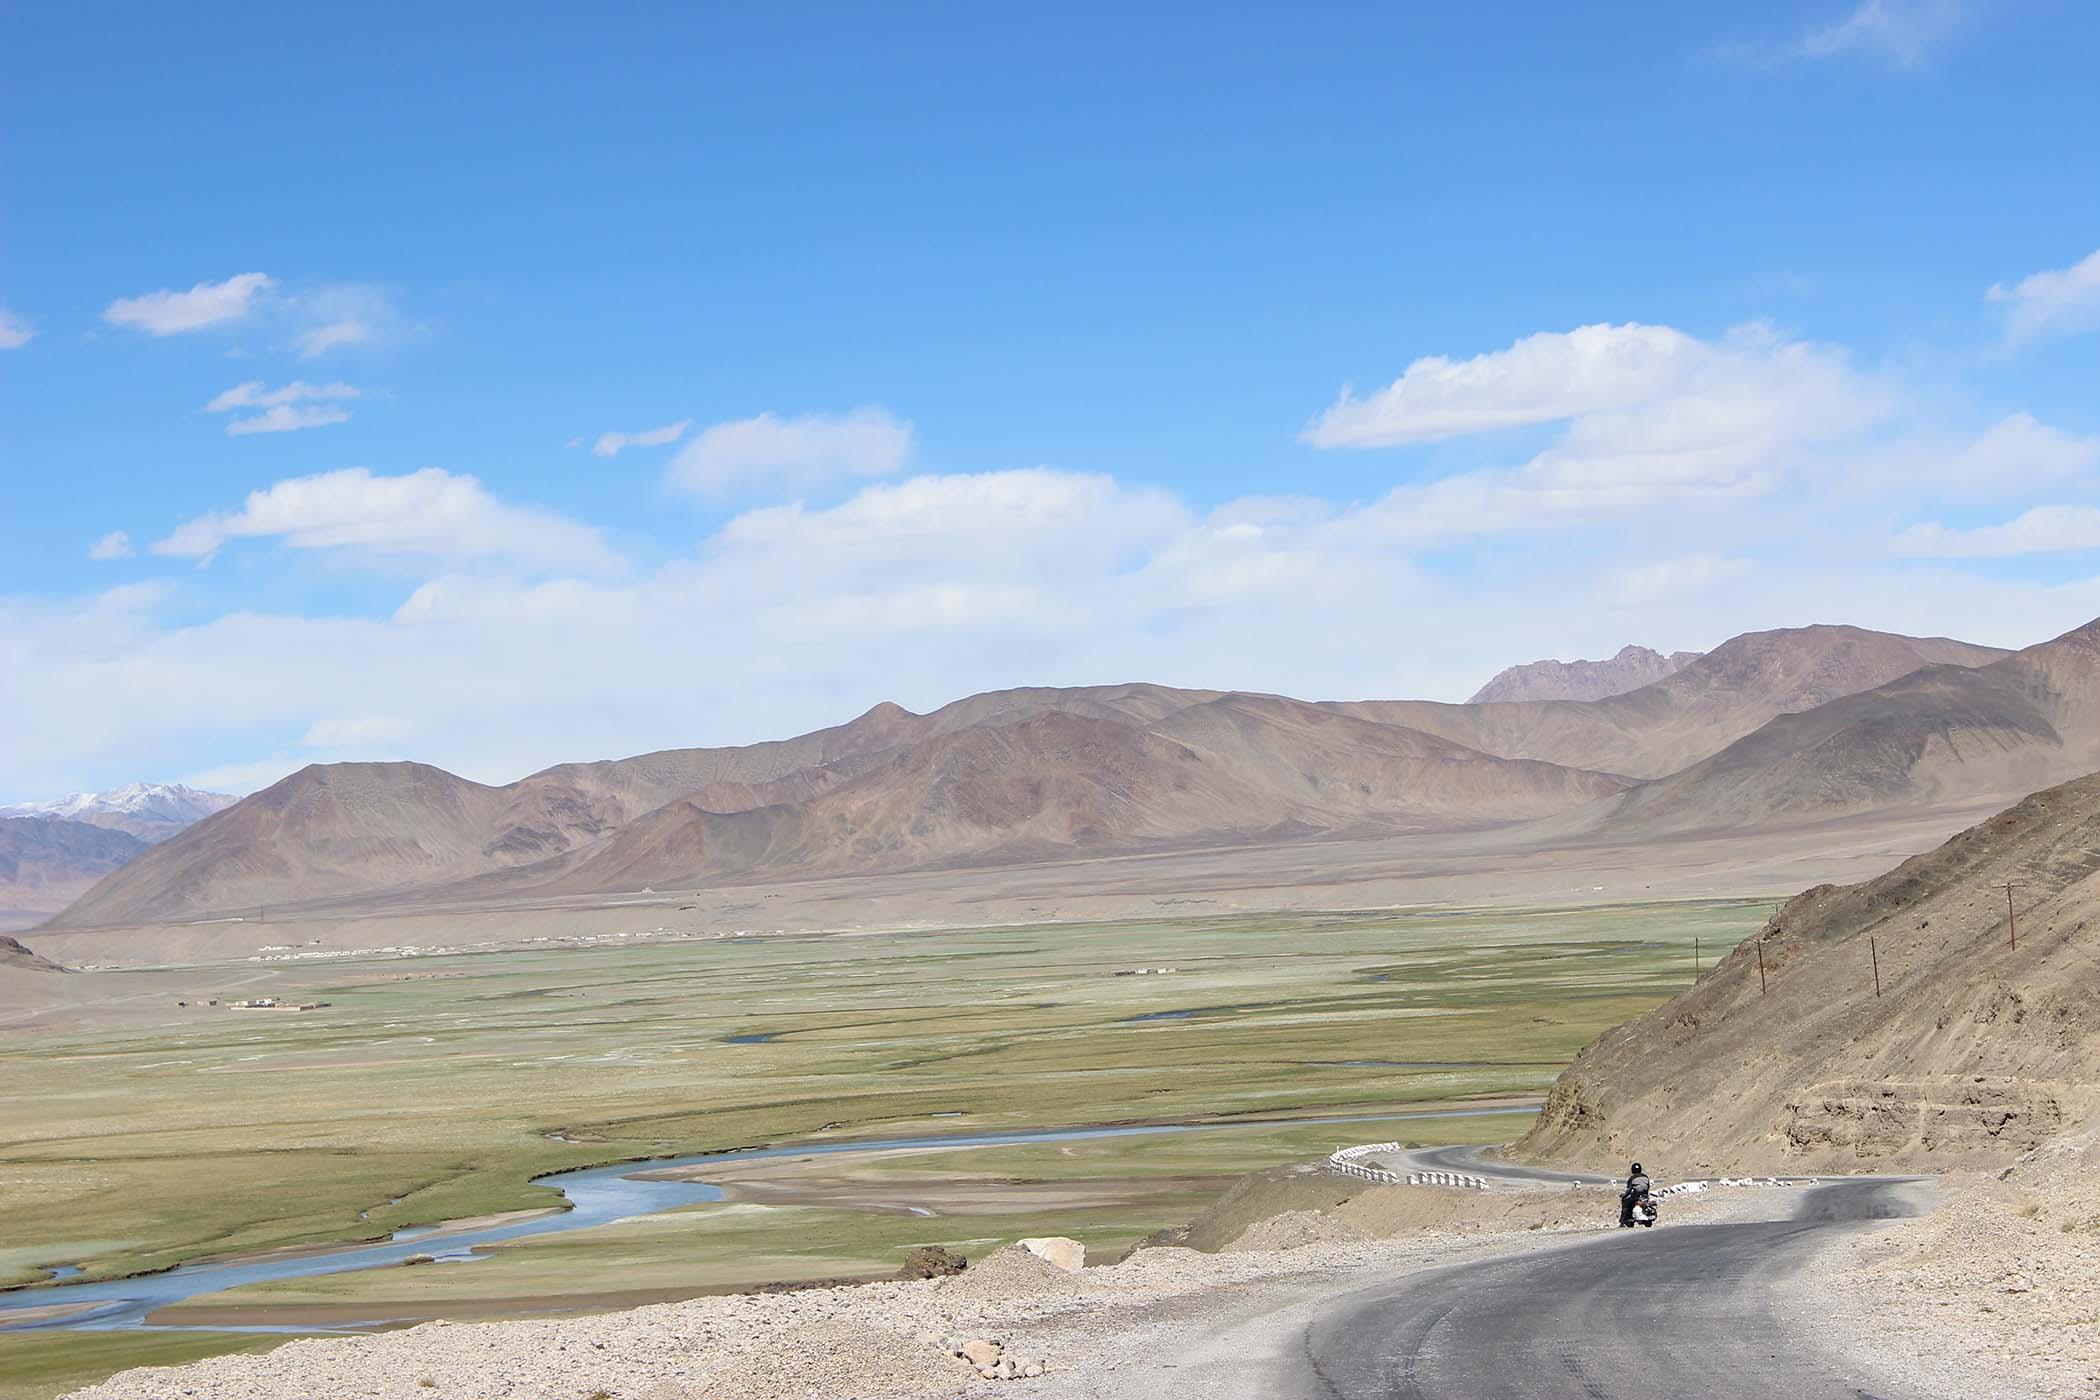 View in Tajikistan